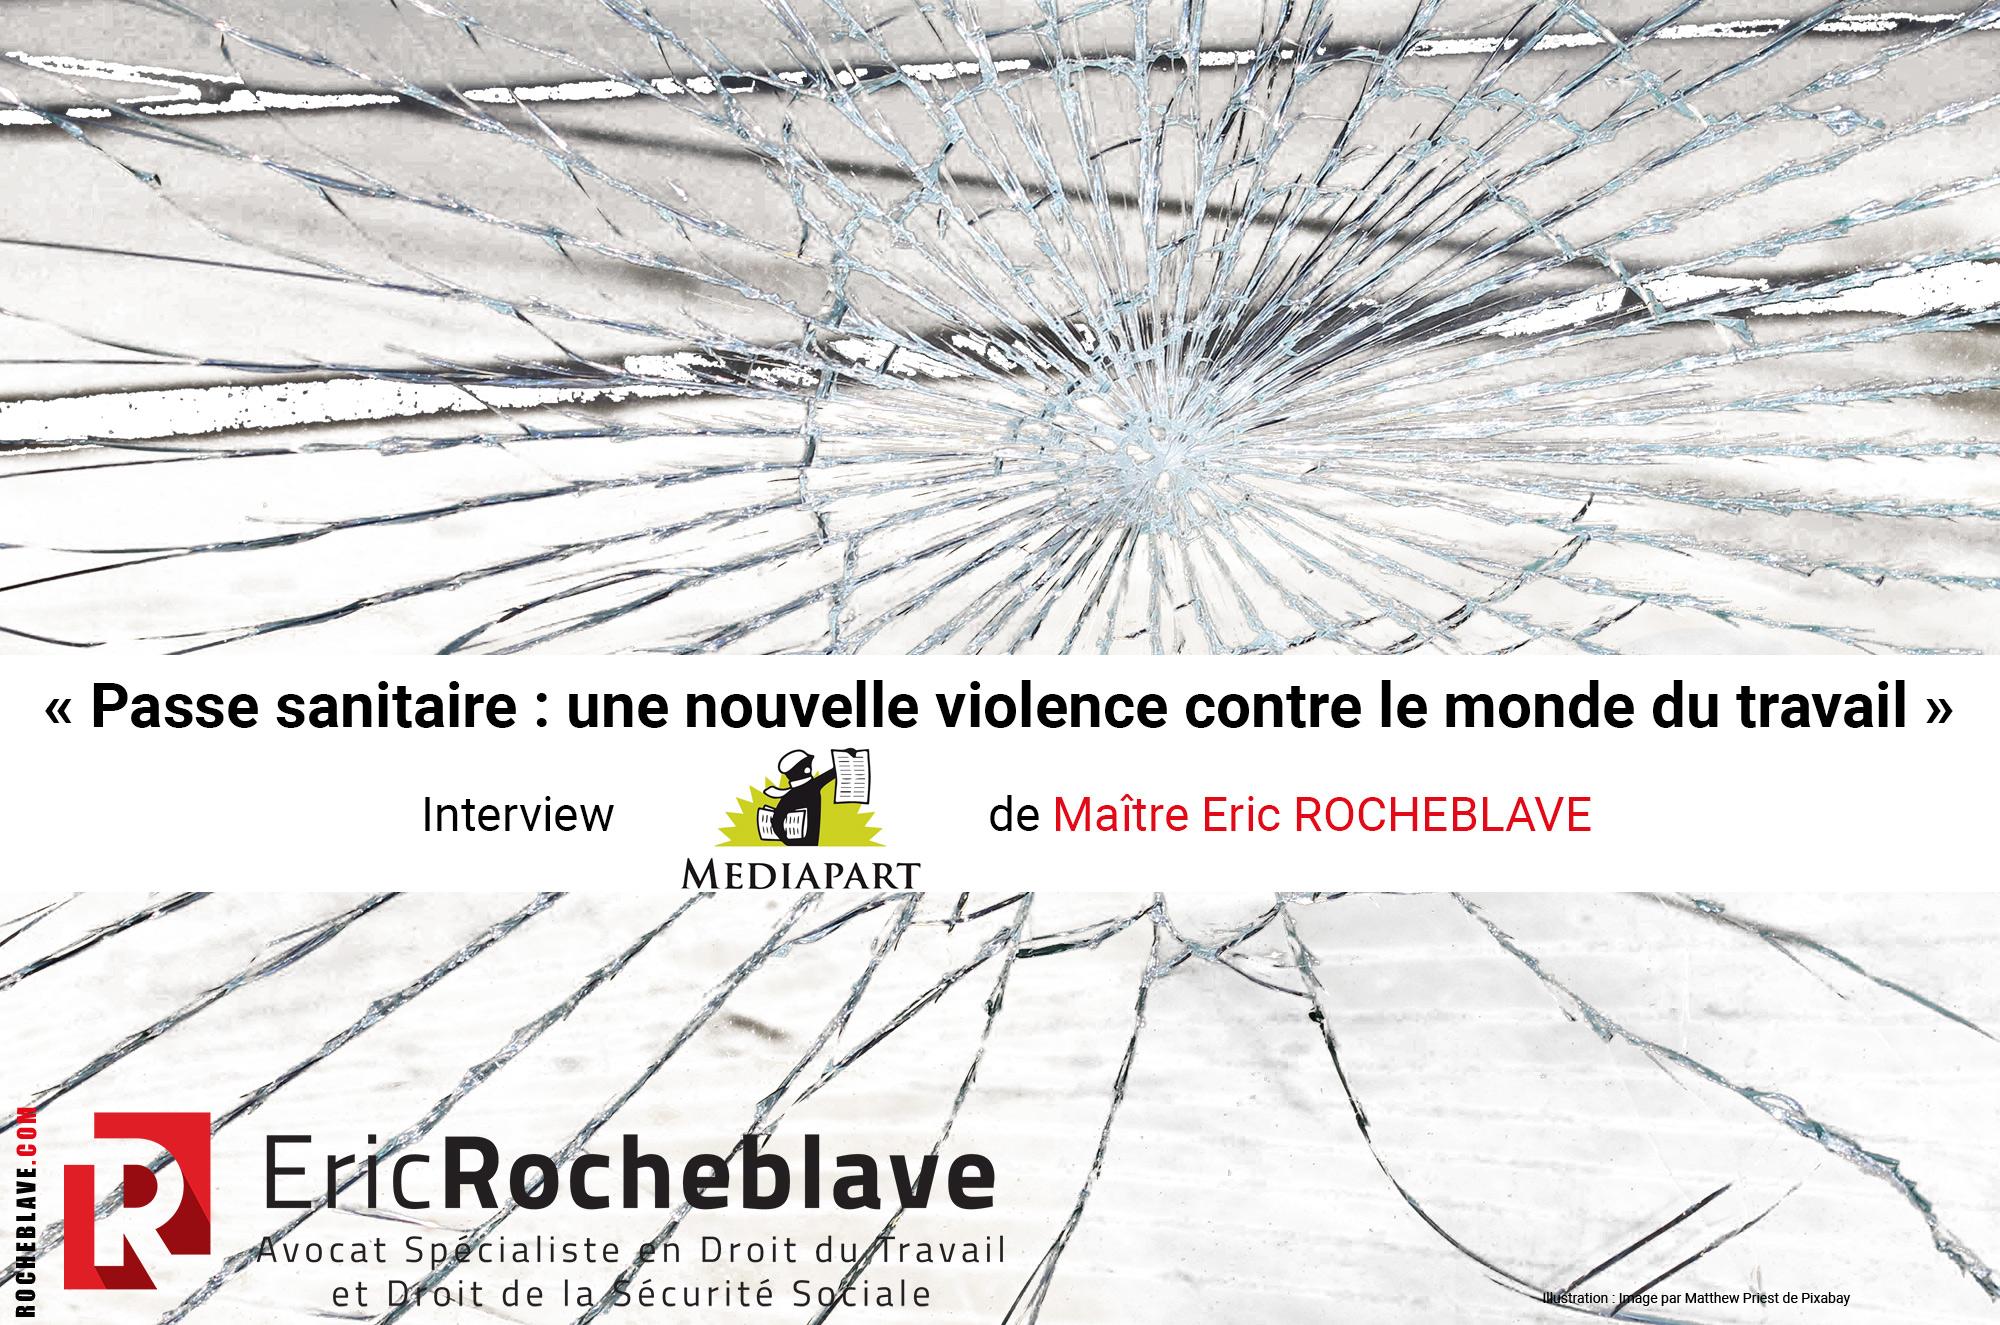 « Passe sanitaire : une nouvelle violence contre le monde du travail » Interview MEDIAPART de Maître Eric ROCHEBLAVE